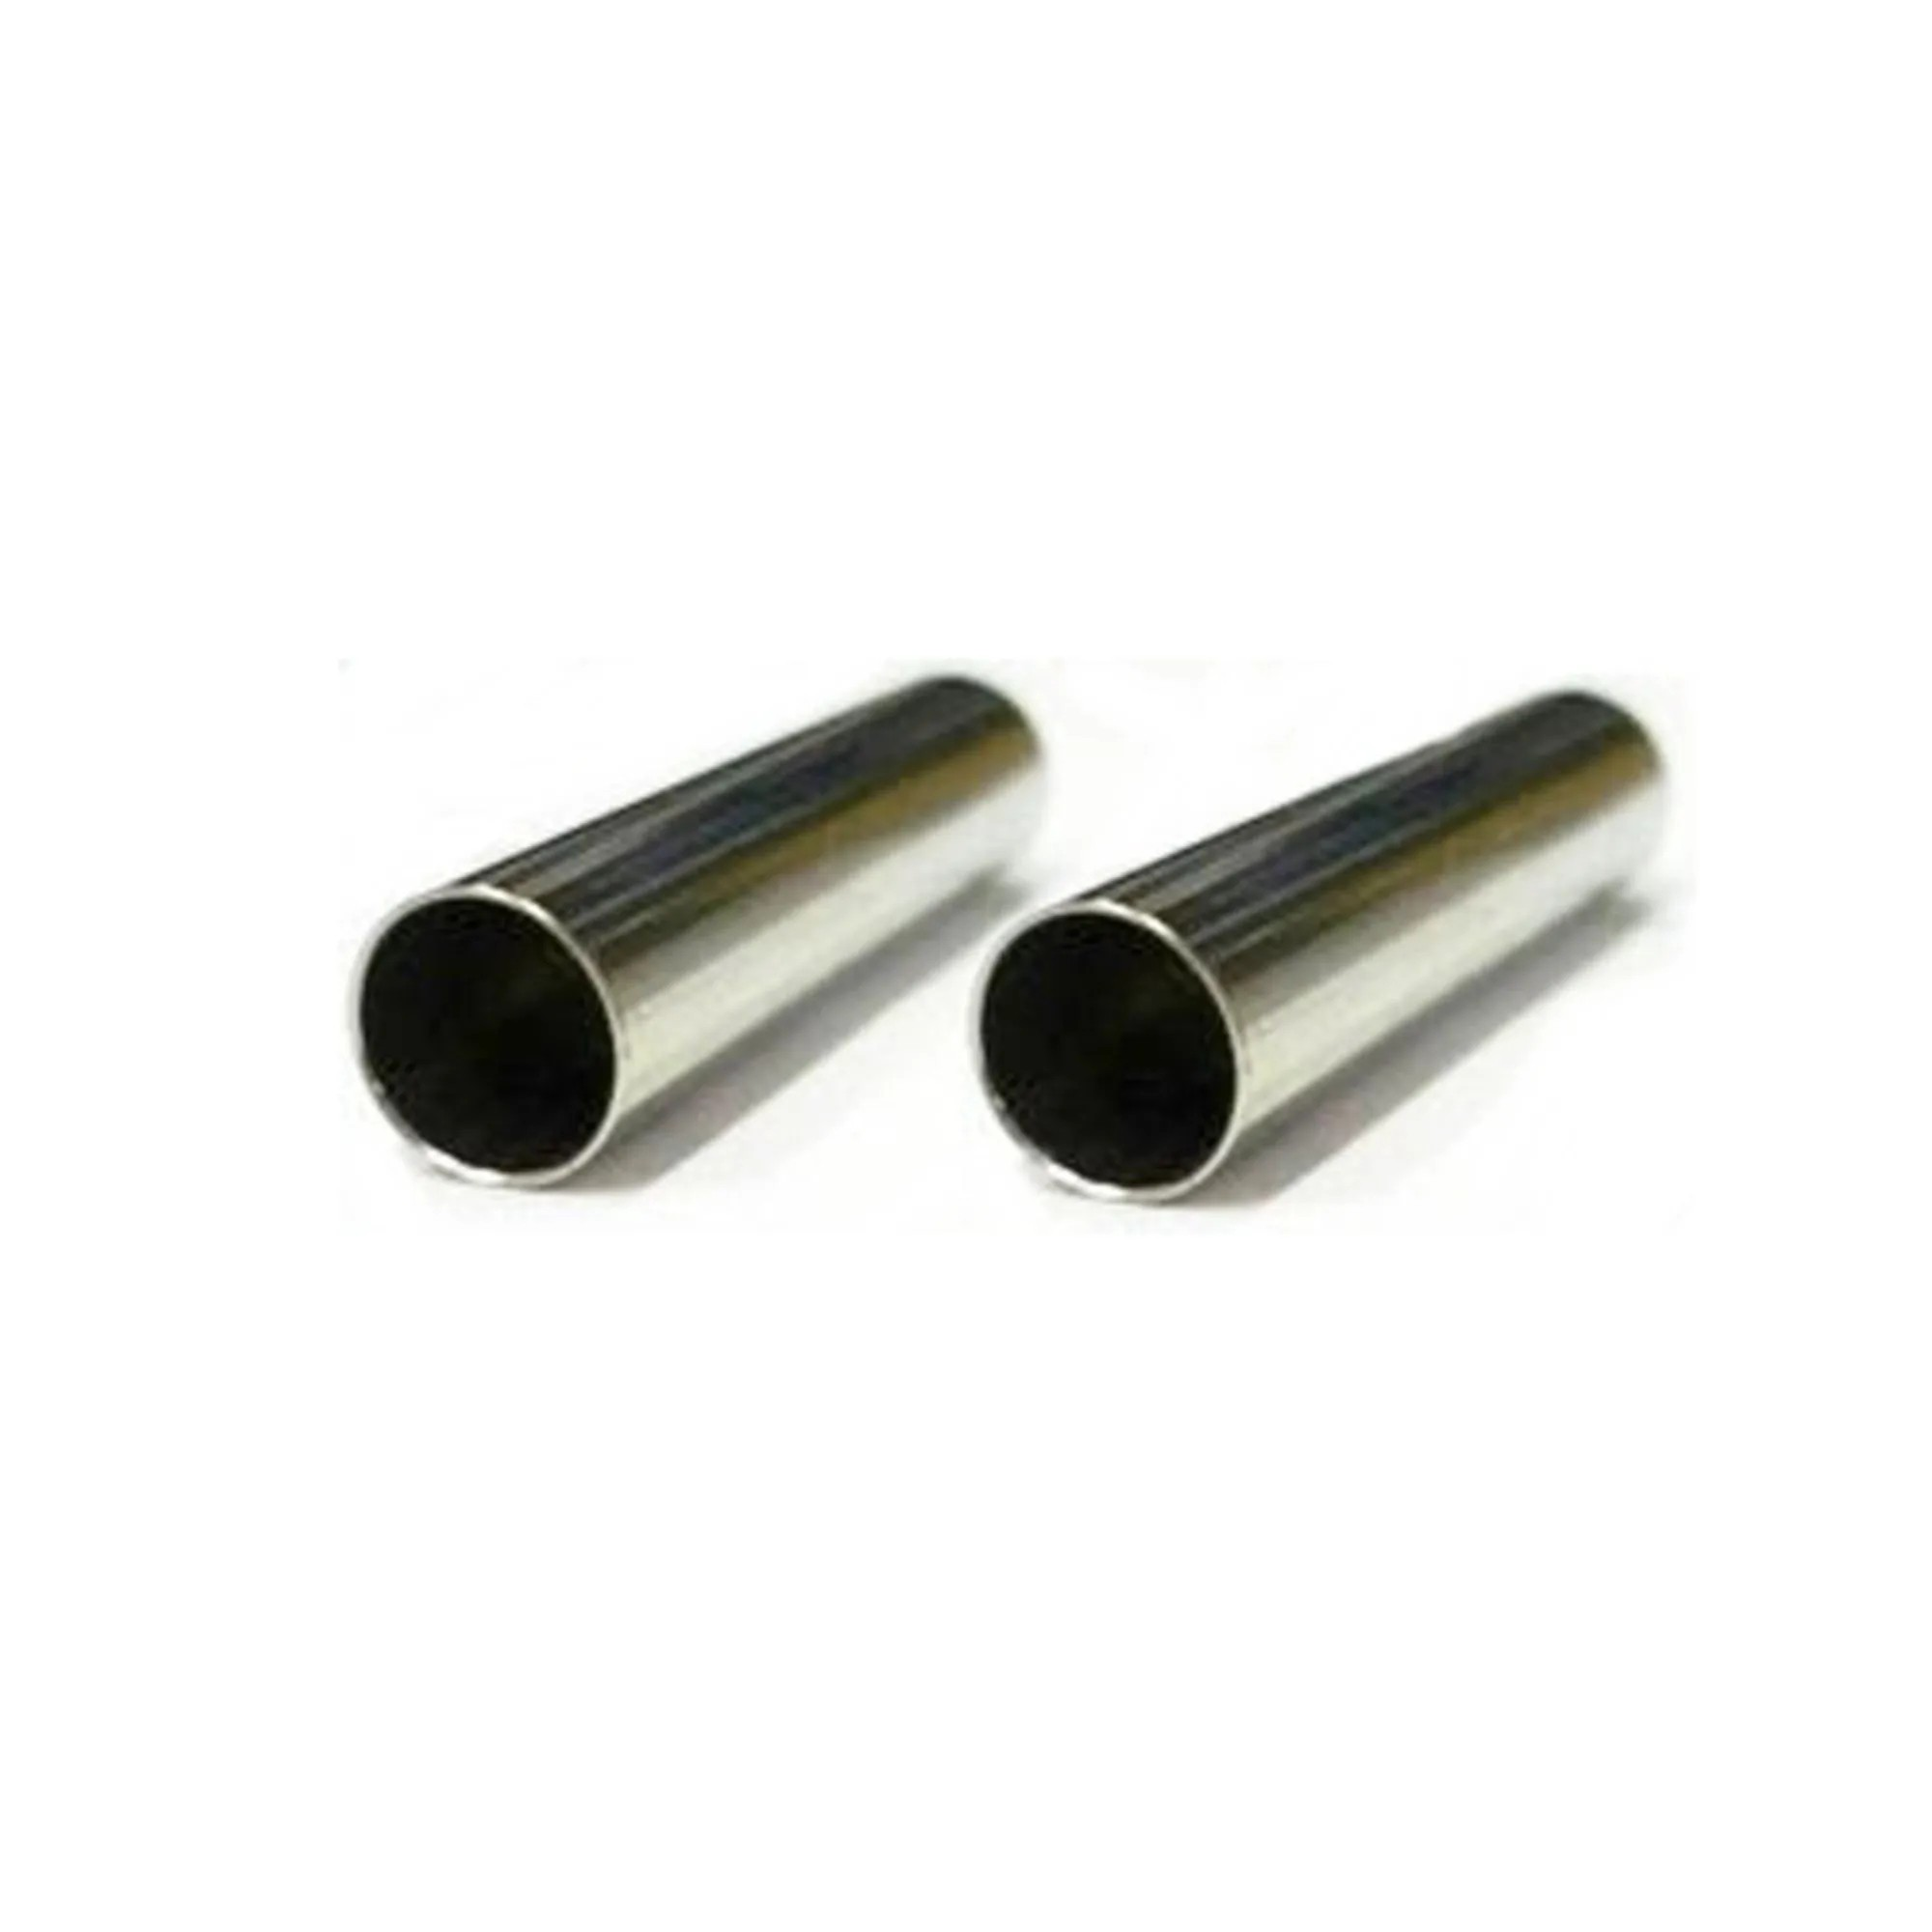 Luva Metal Cabo Aço nº 2 - 1000 unidades  - Artpesca